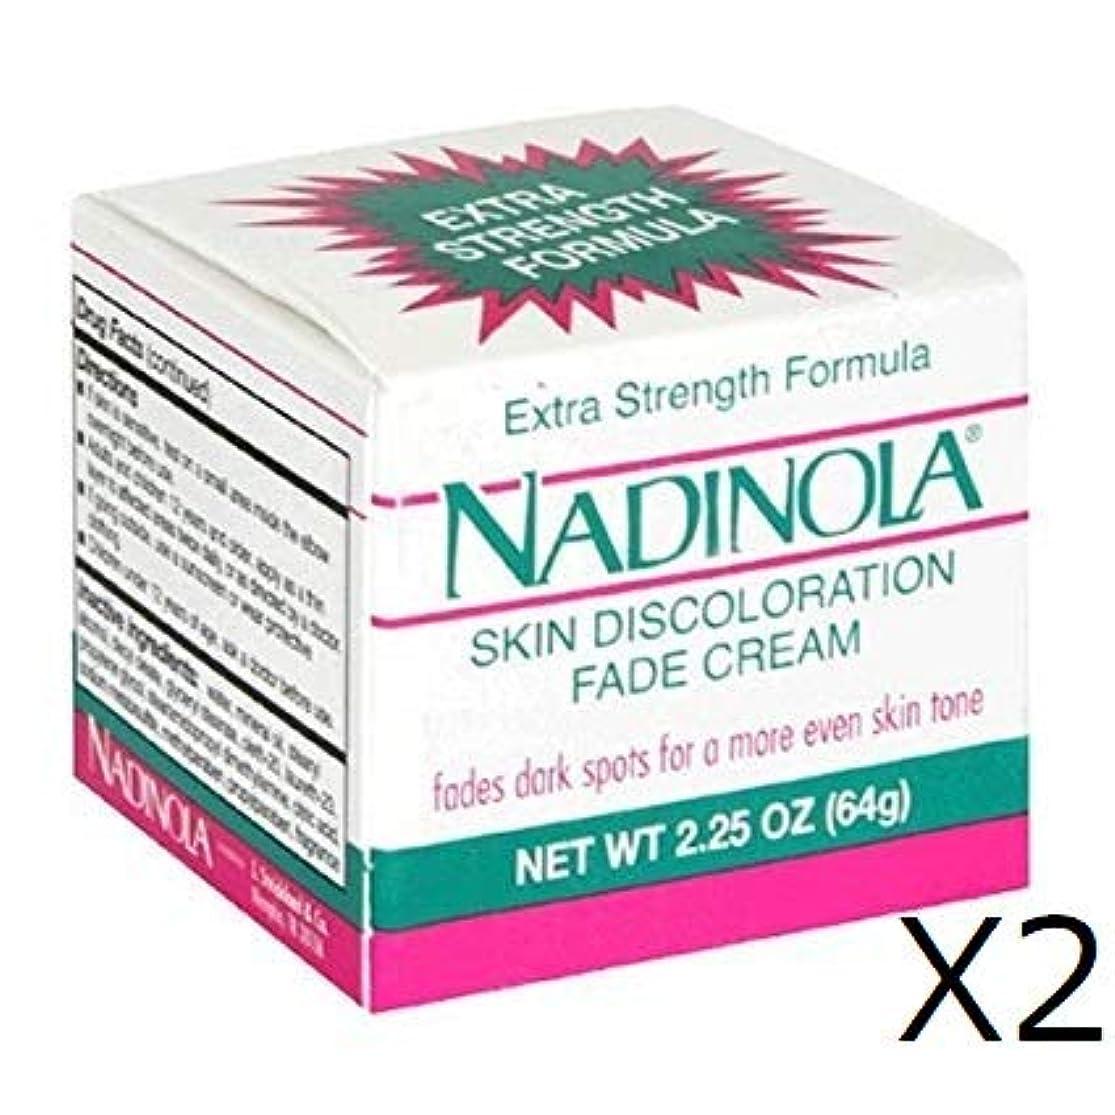 うれしい支配する印刷するNadinola Discoloration Fade Cream 2.25oz Extra Strength (64gX2個)